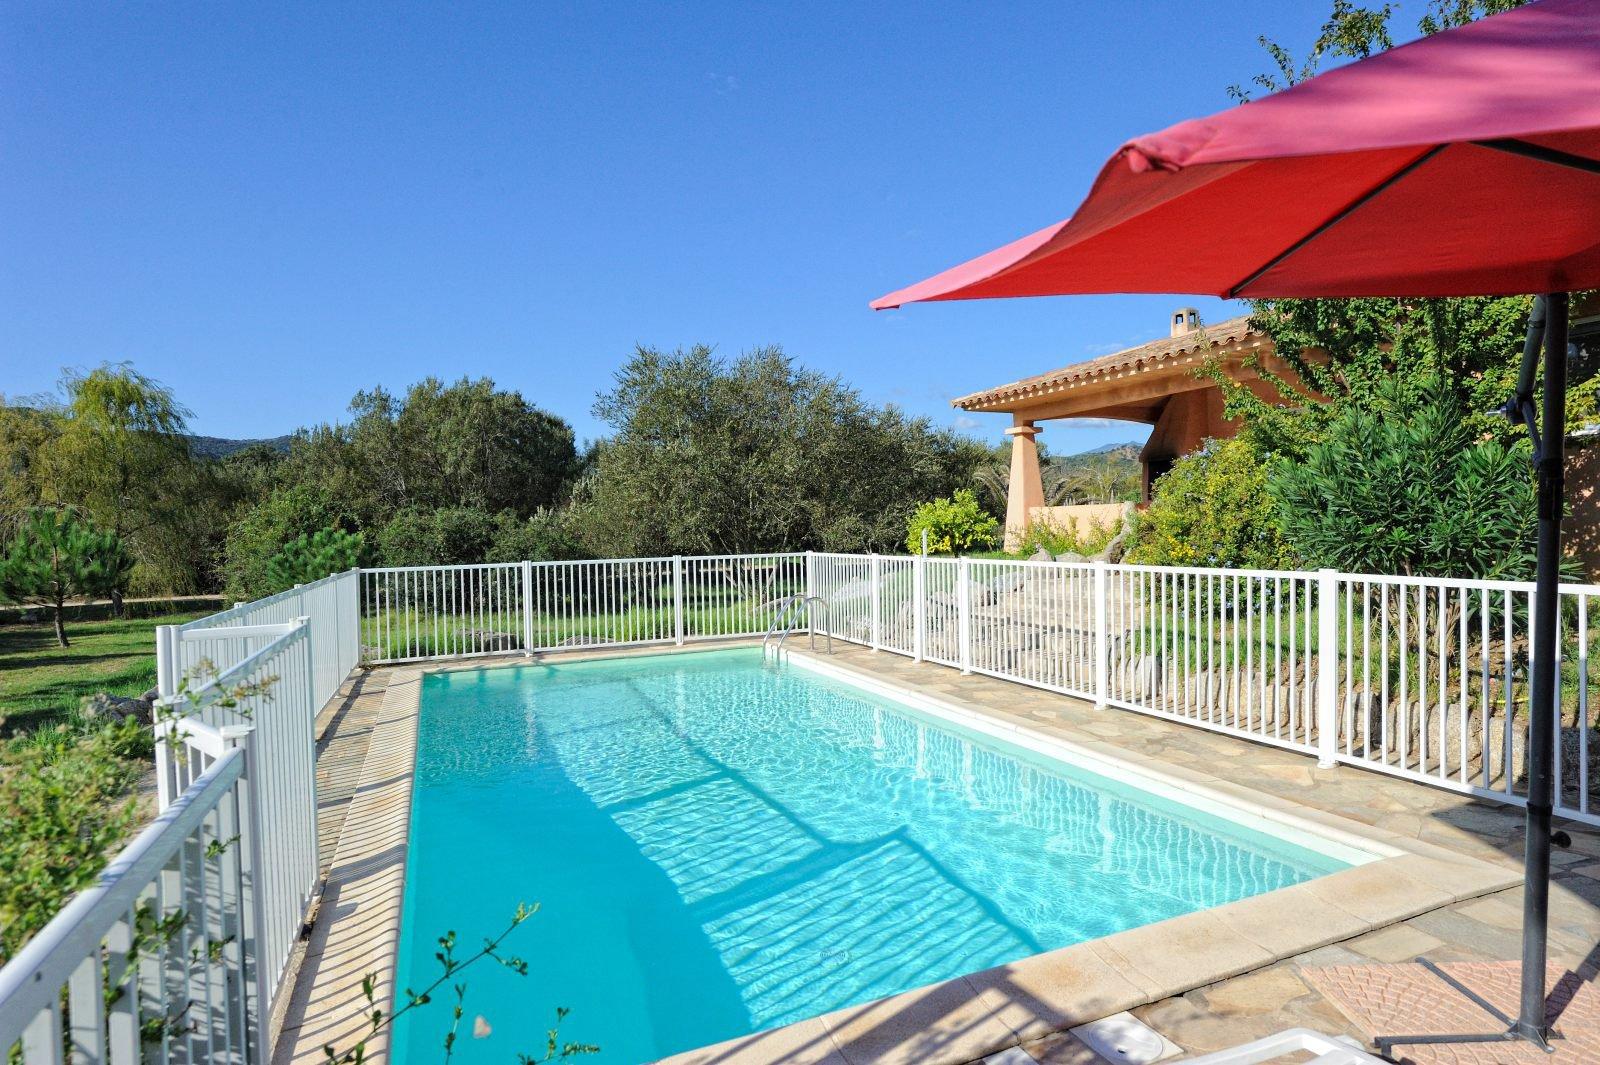 VILLA 5P de plain pied 180 M2 piscine plage à 5 minutes à pied